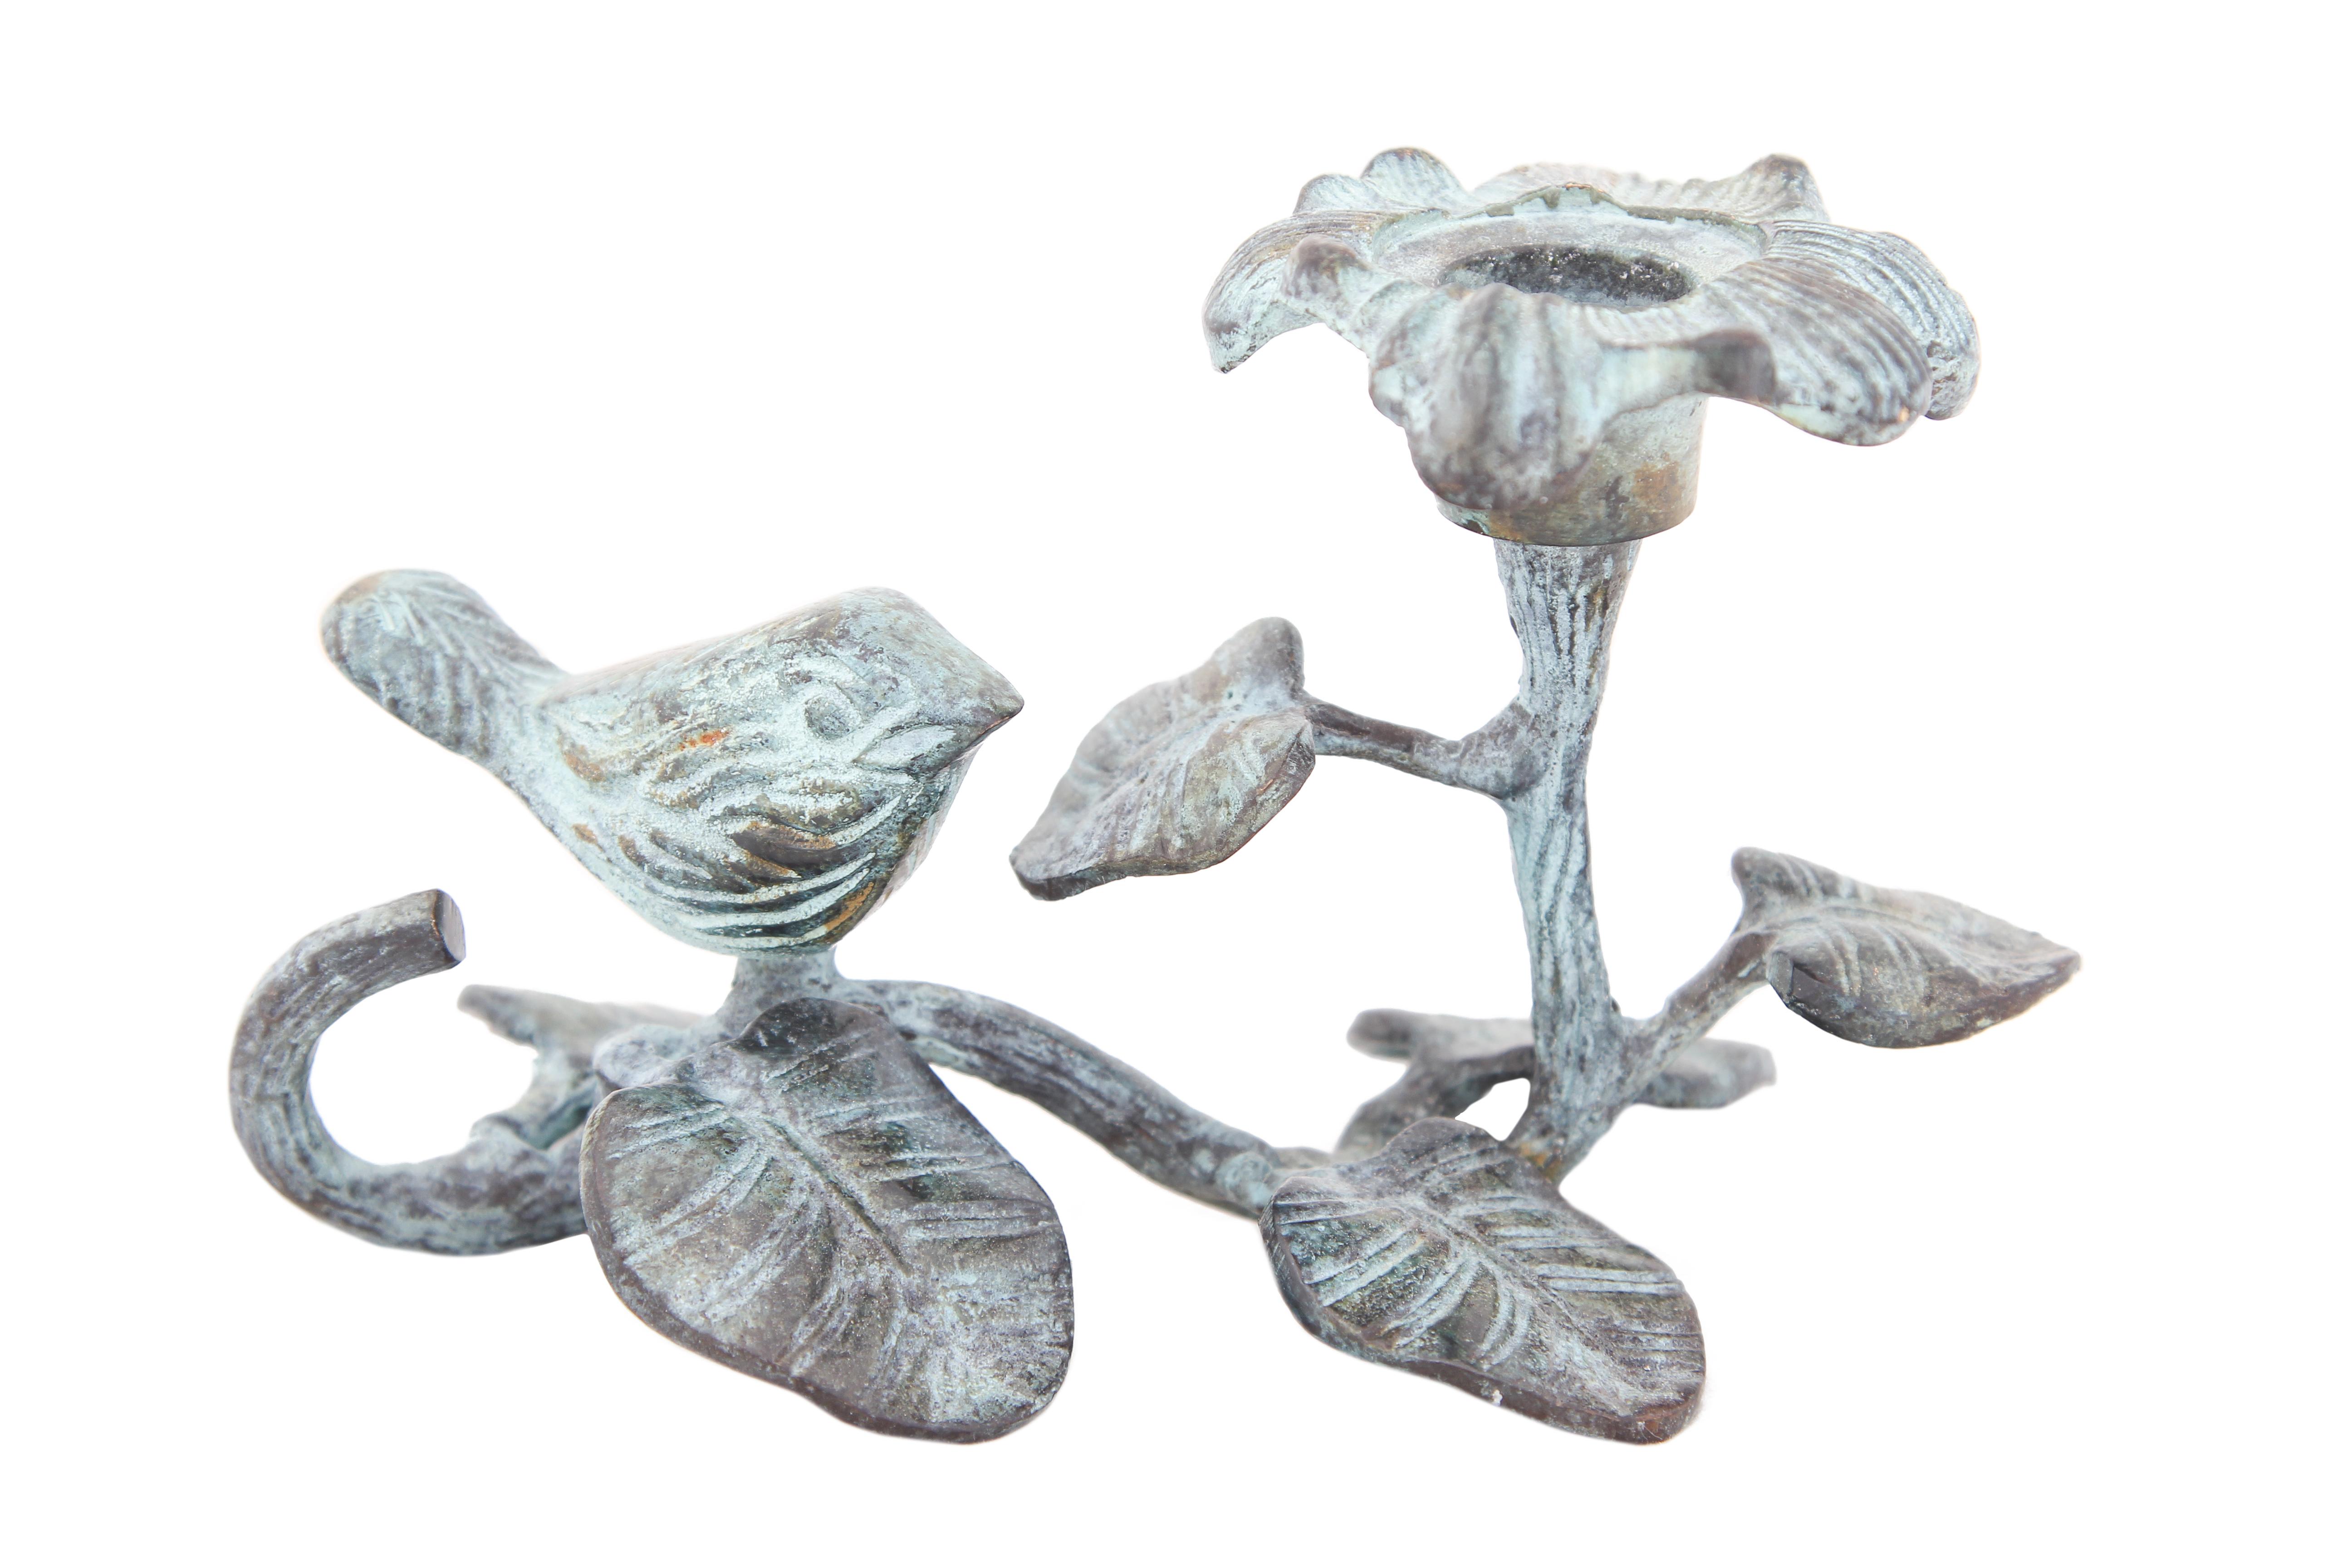 Купить Декоративные свечи Ганг, Подсвечник Цветок (6х10х16 см), Индия, Голубой, Латунь